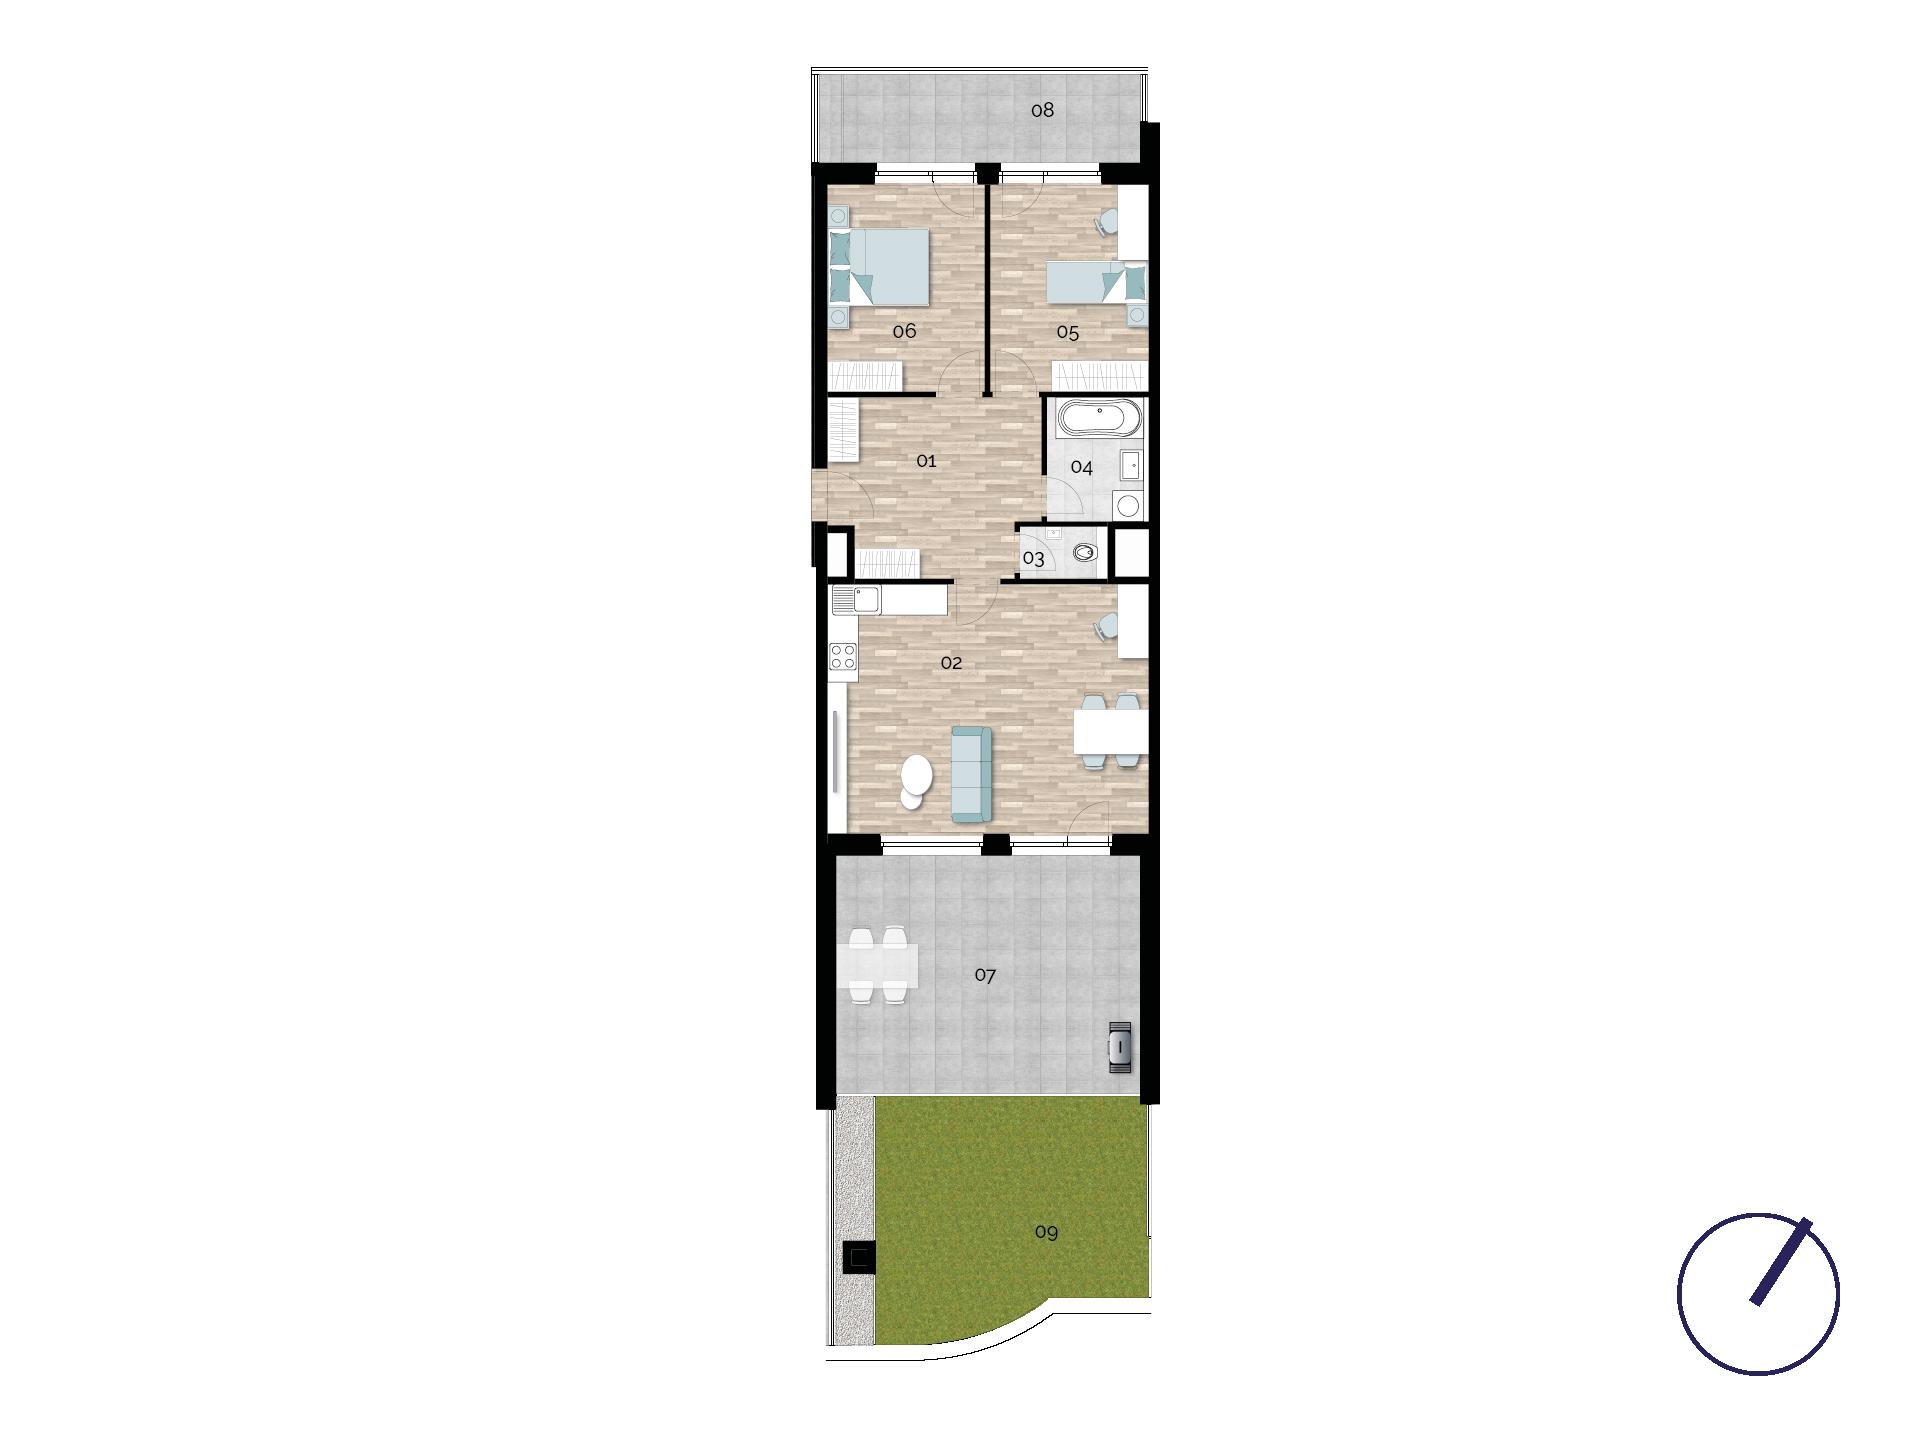 Detail Nemovitosti - Rezidence U Rokytky, Praha 9 1A5 / 1. NP